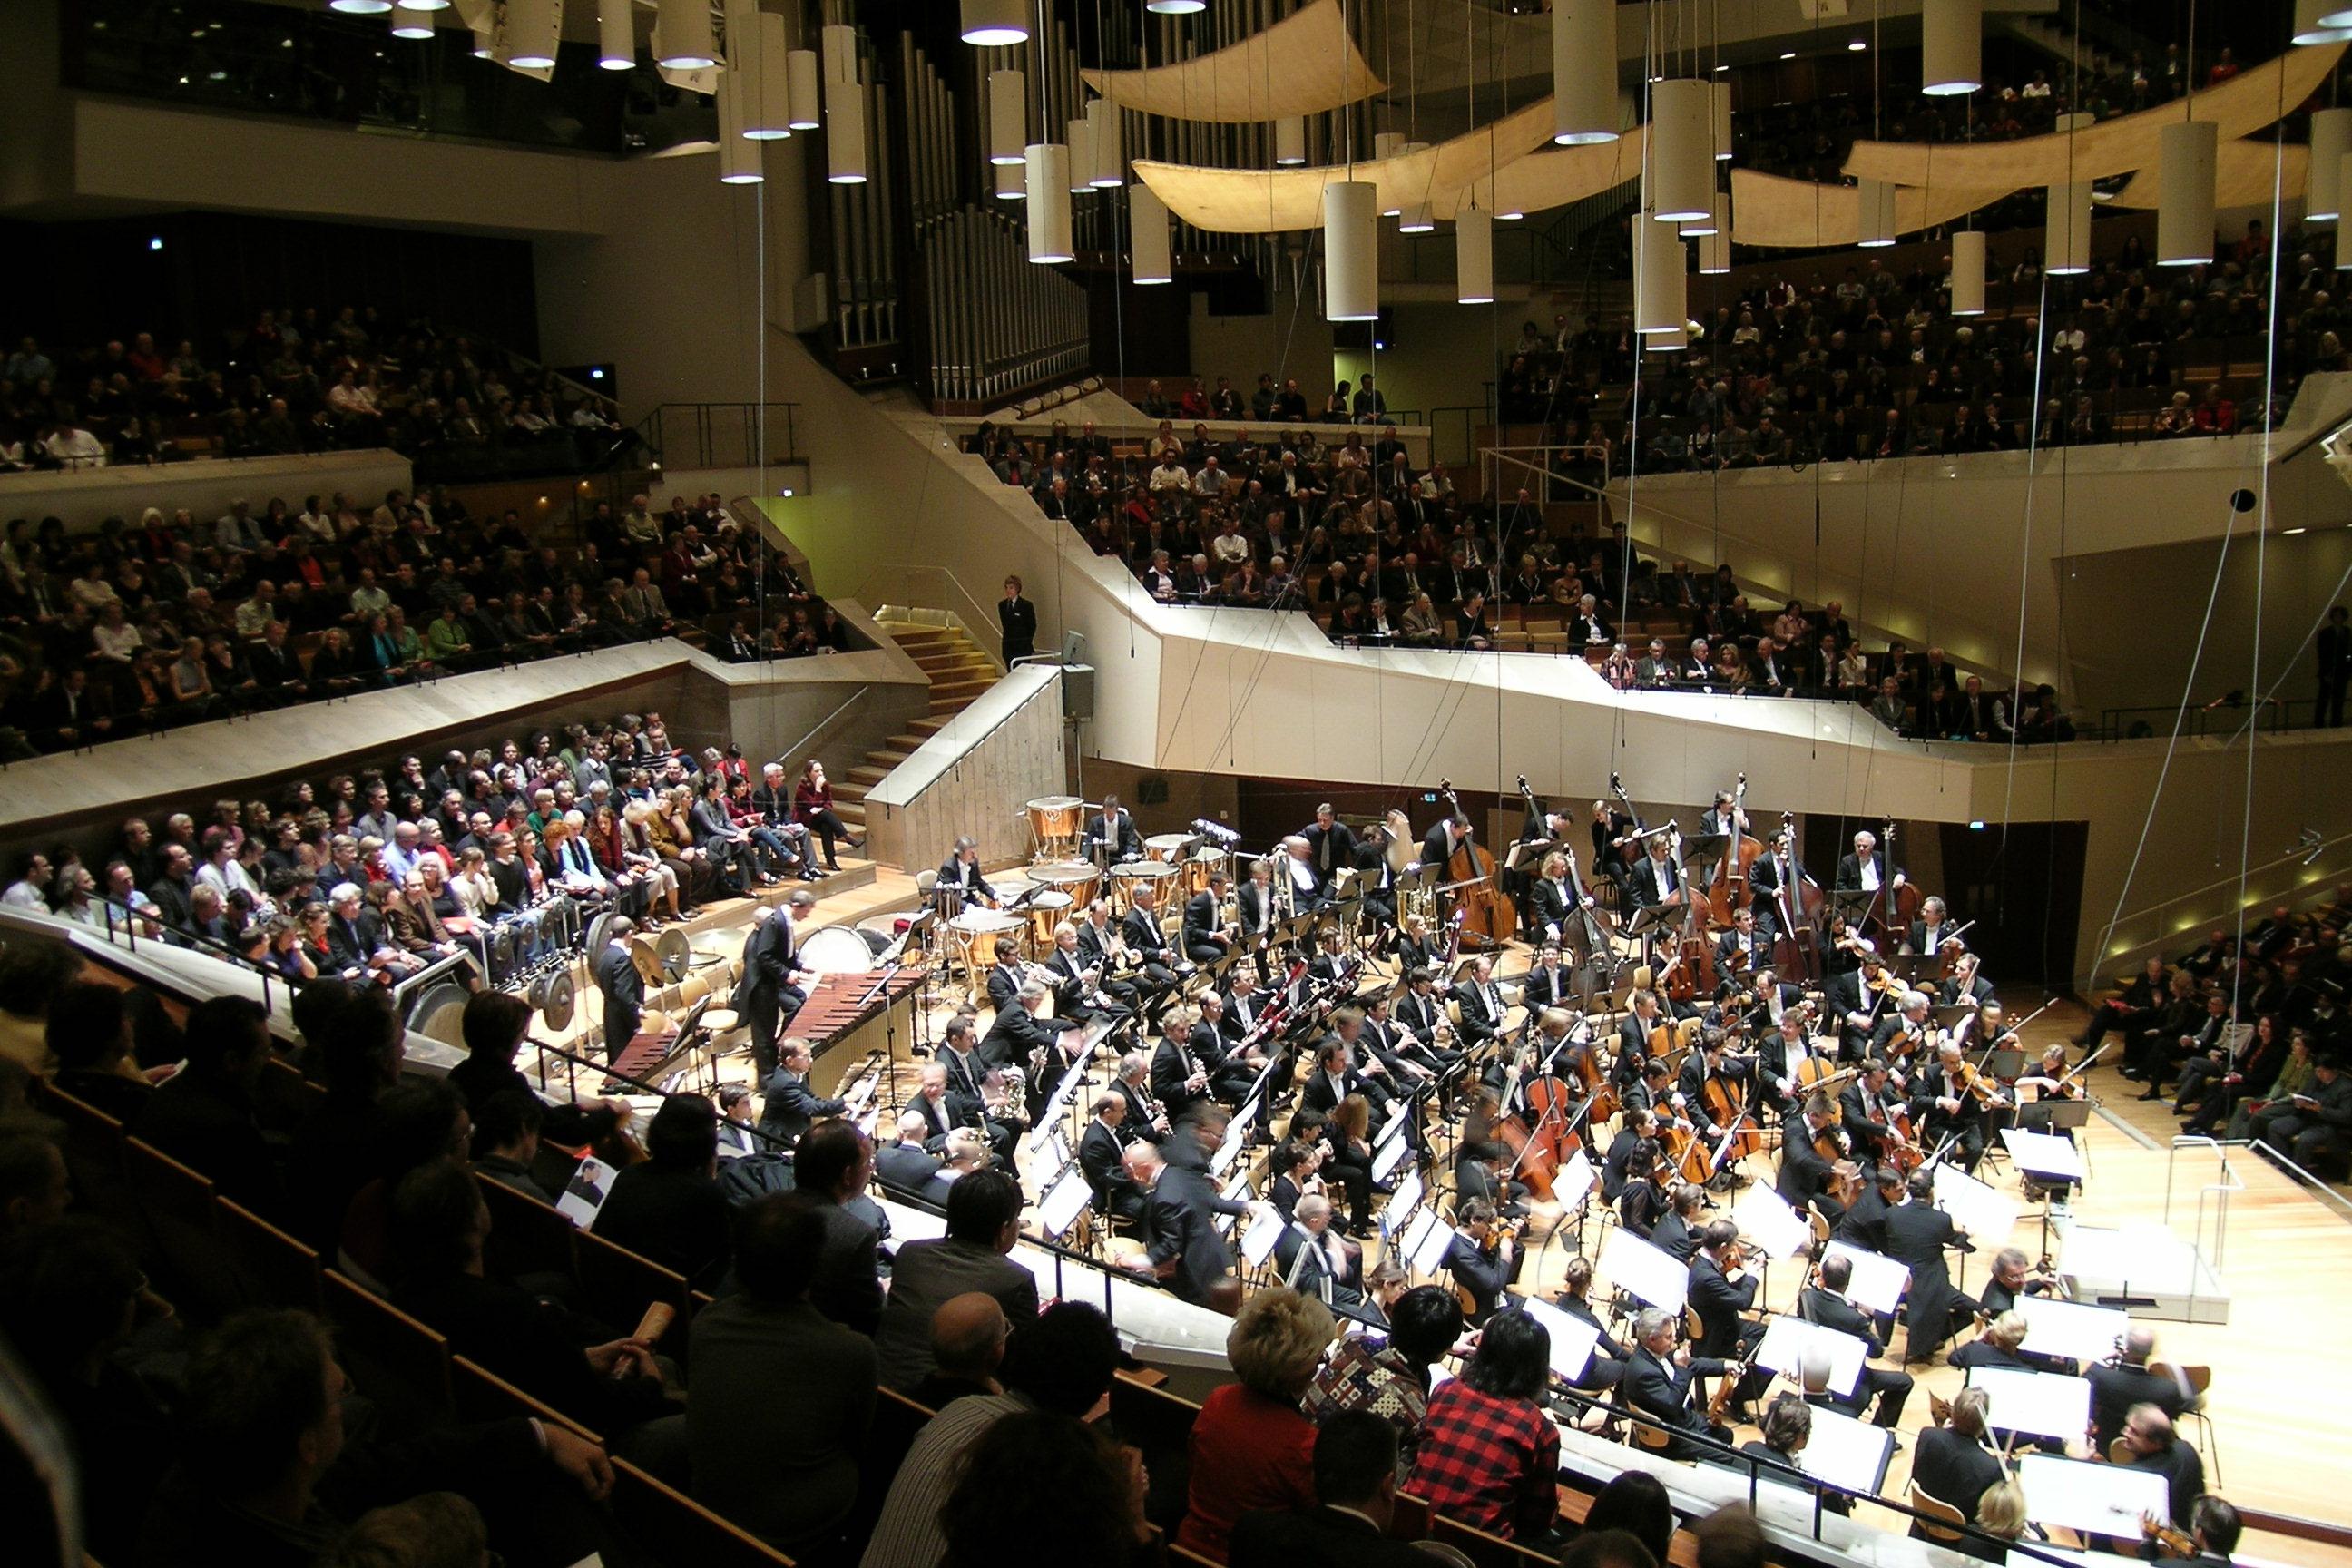 Konzert der Berliner Philharmoniker in Tiergarten